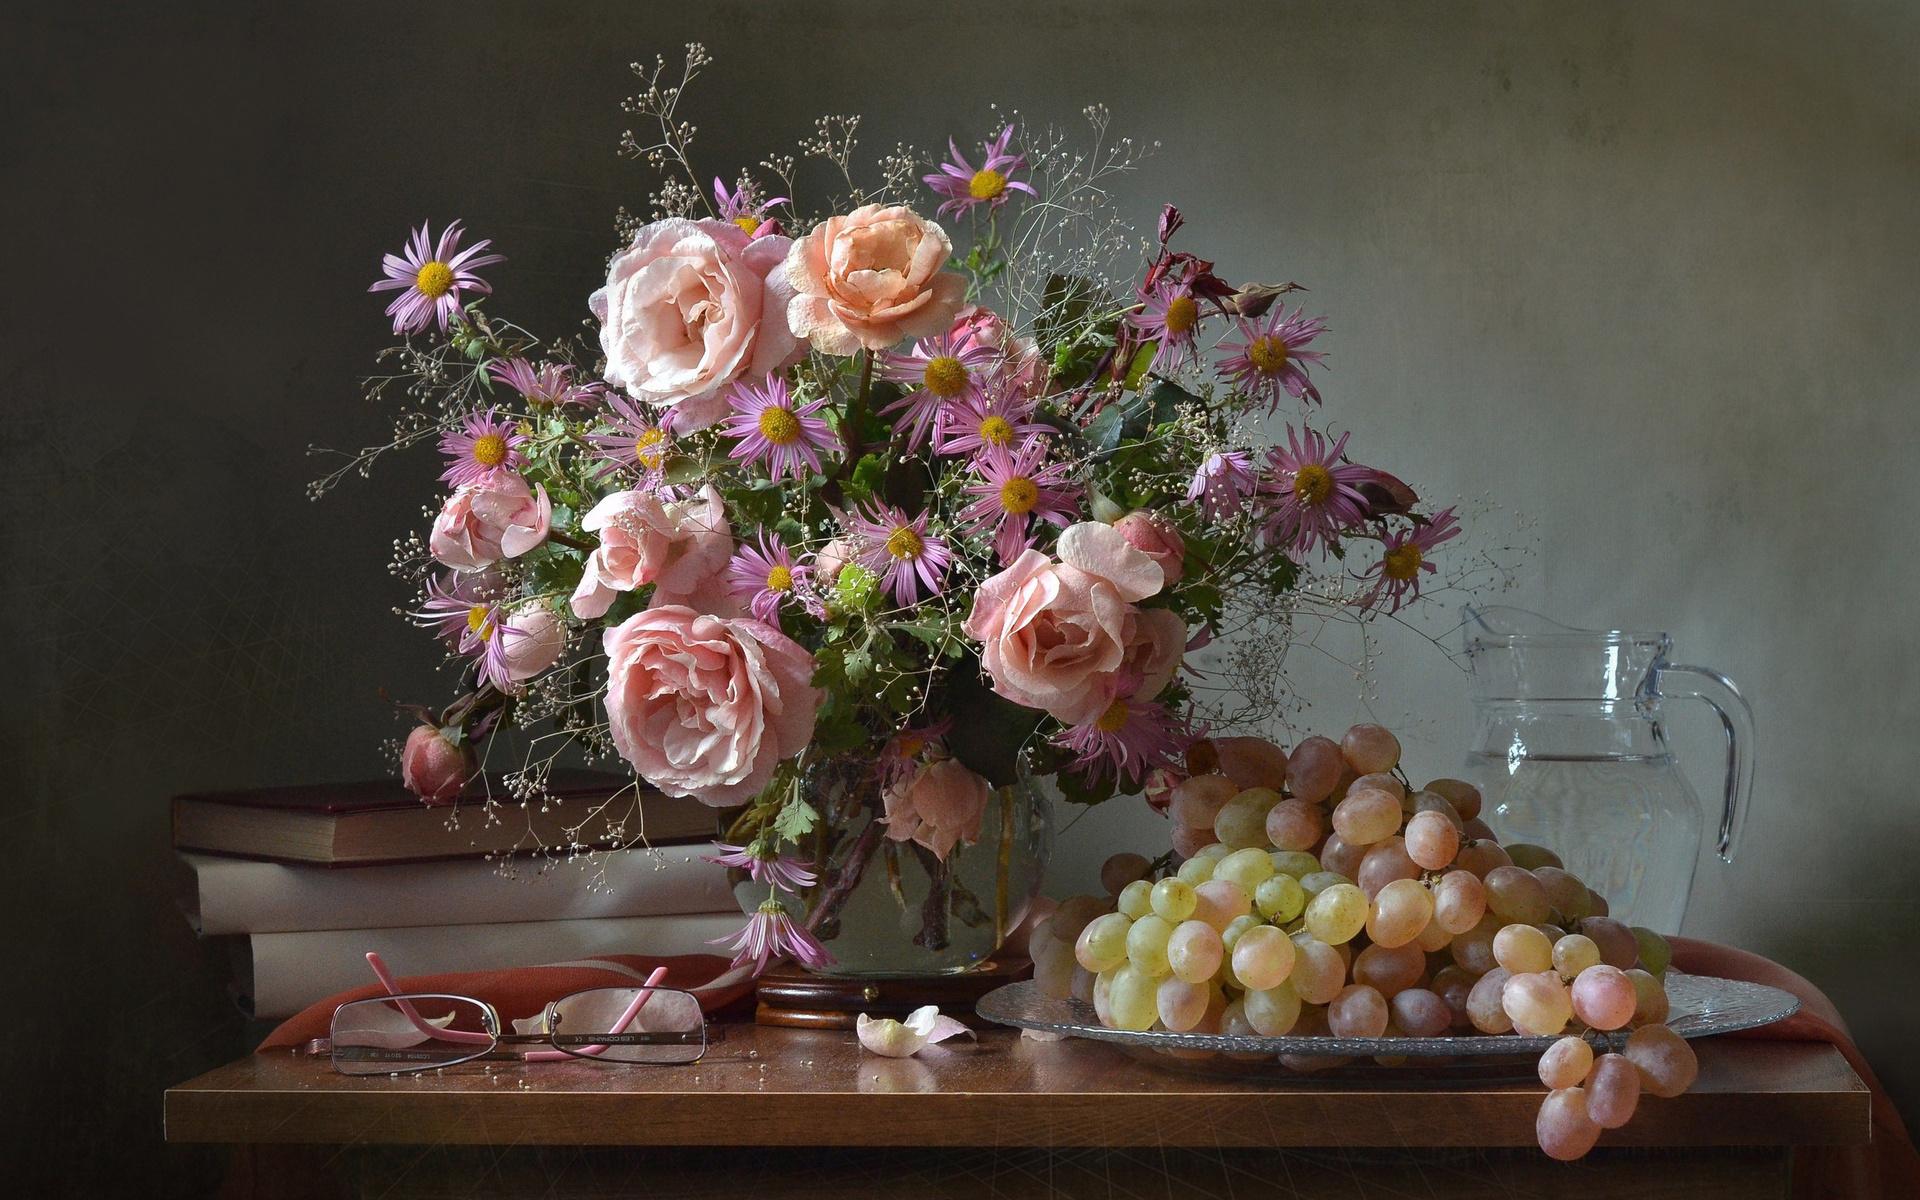 смотреть картинки цветы натюрморт что-то